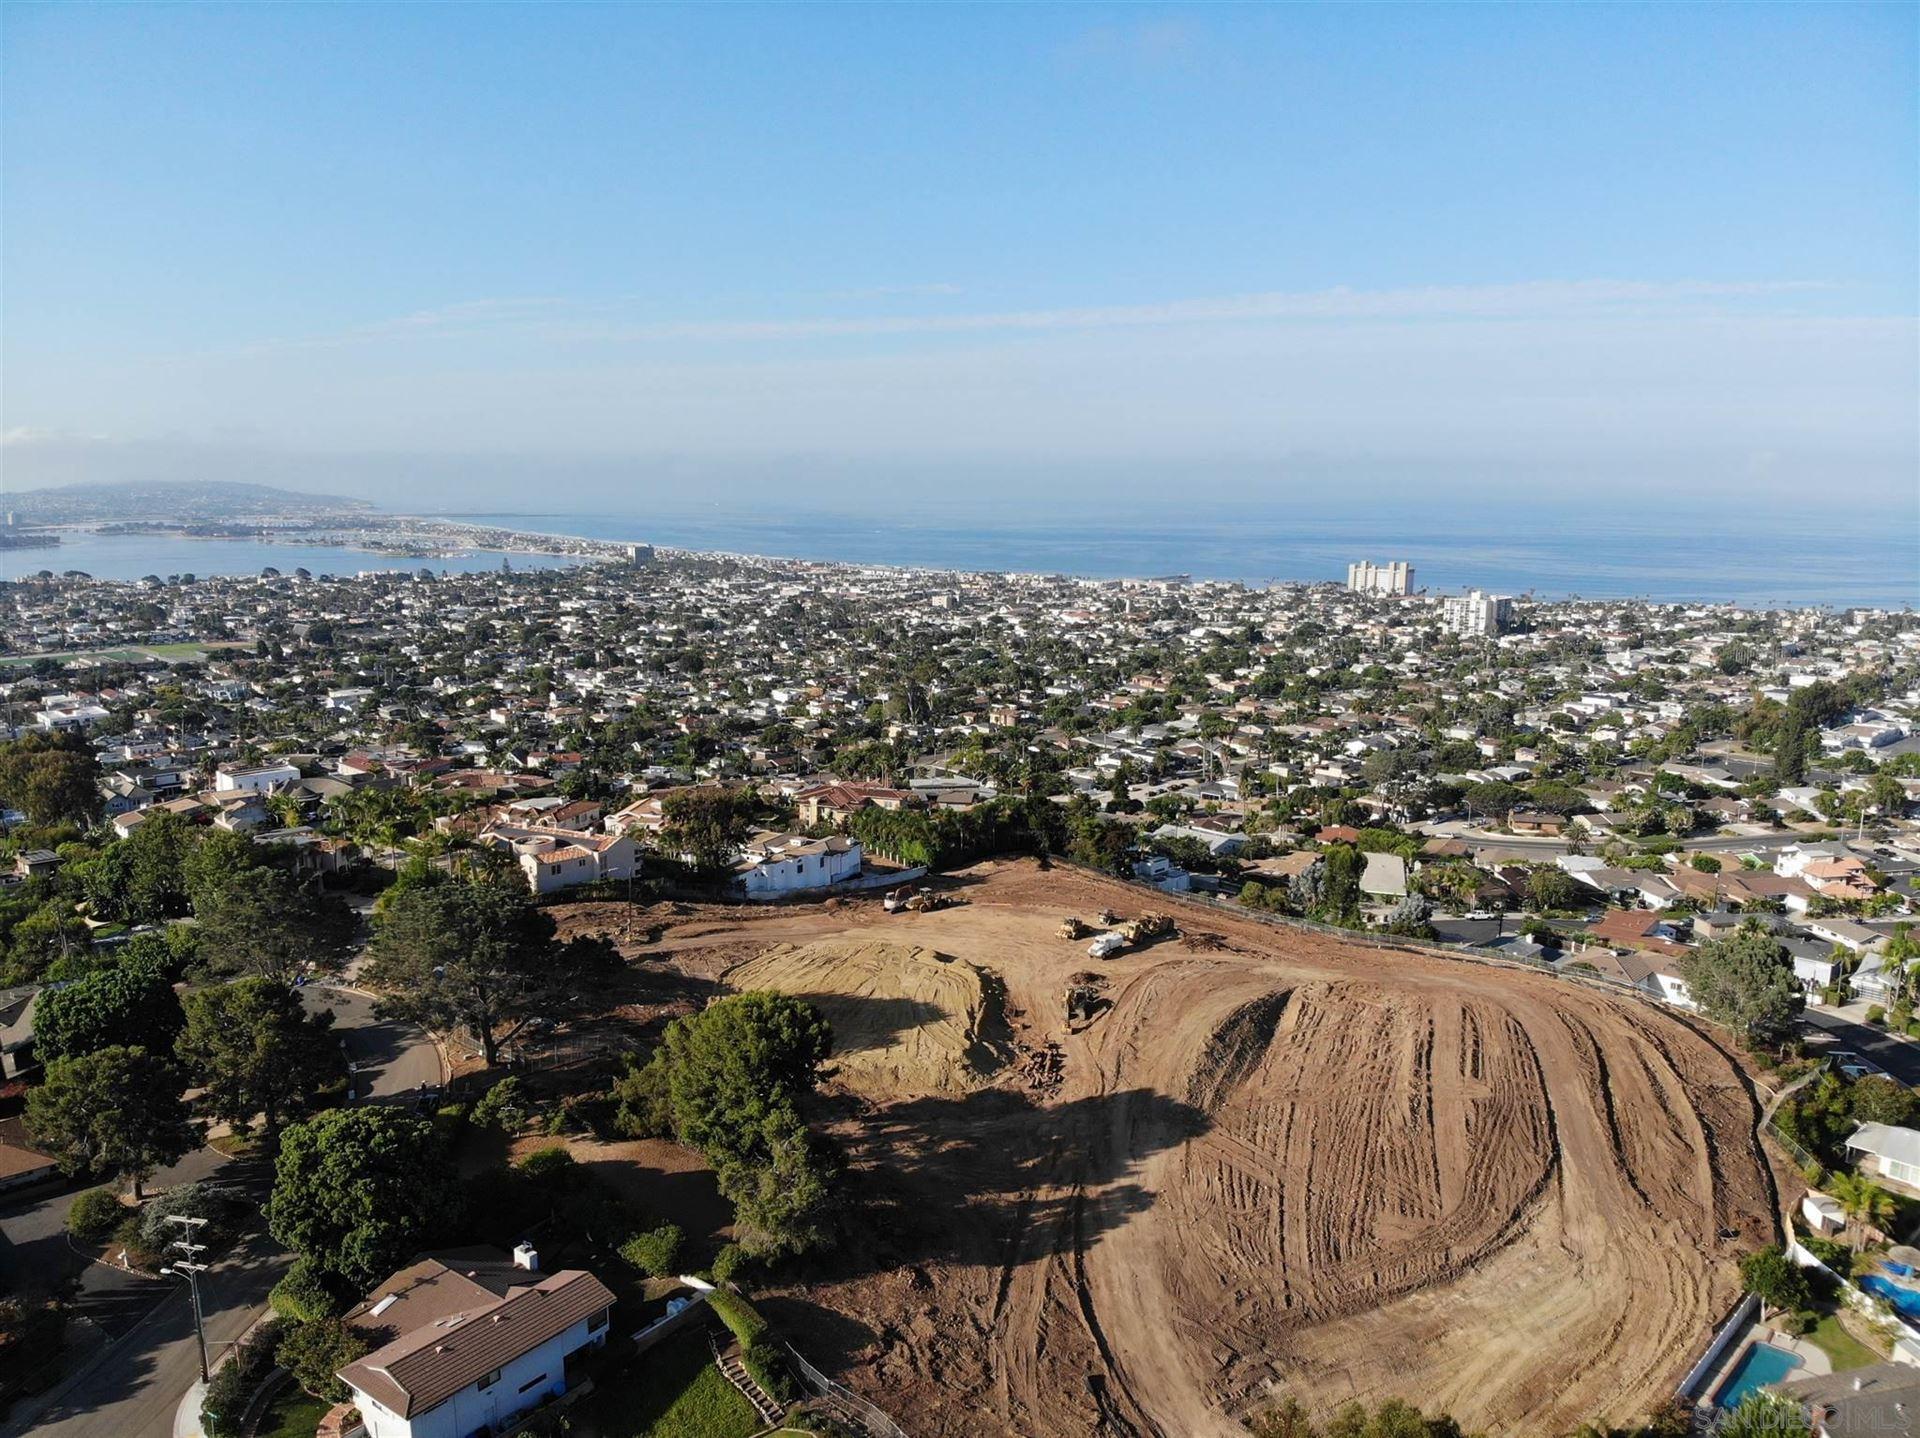 Photo for 1685.5 Los Altos, San Diego, CA 92109 (MLS # 200049679)